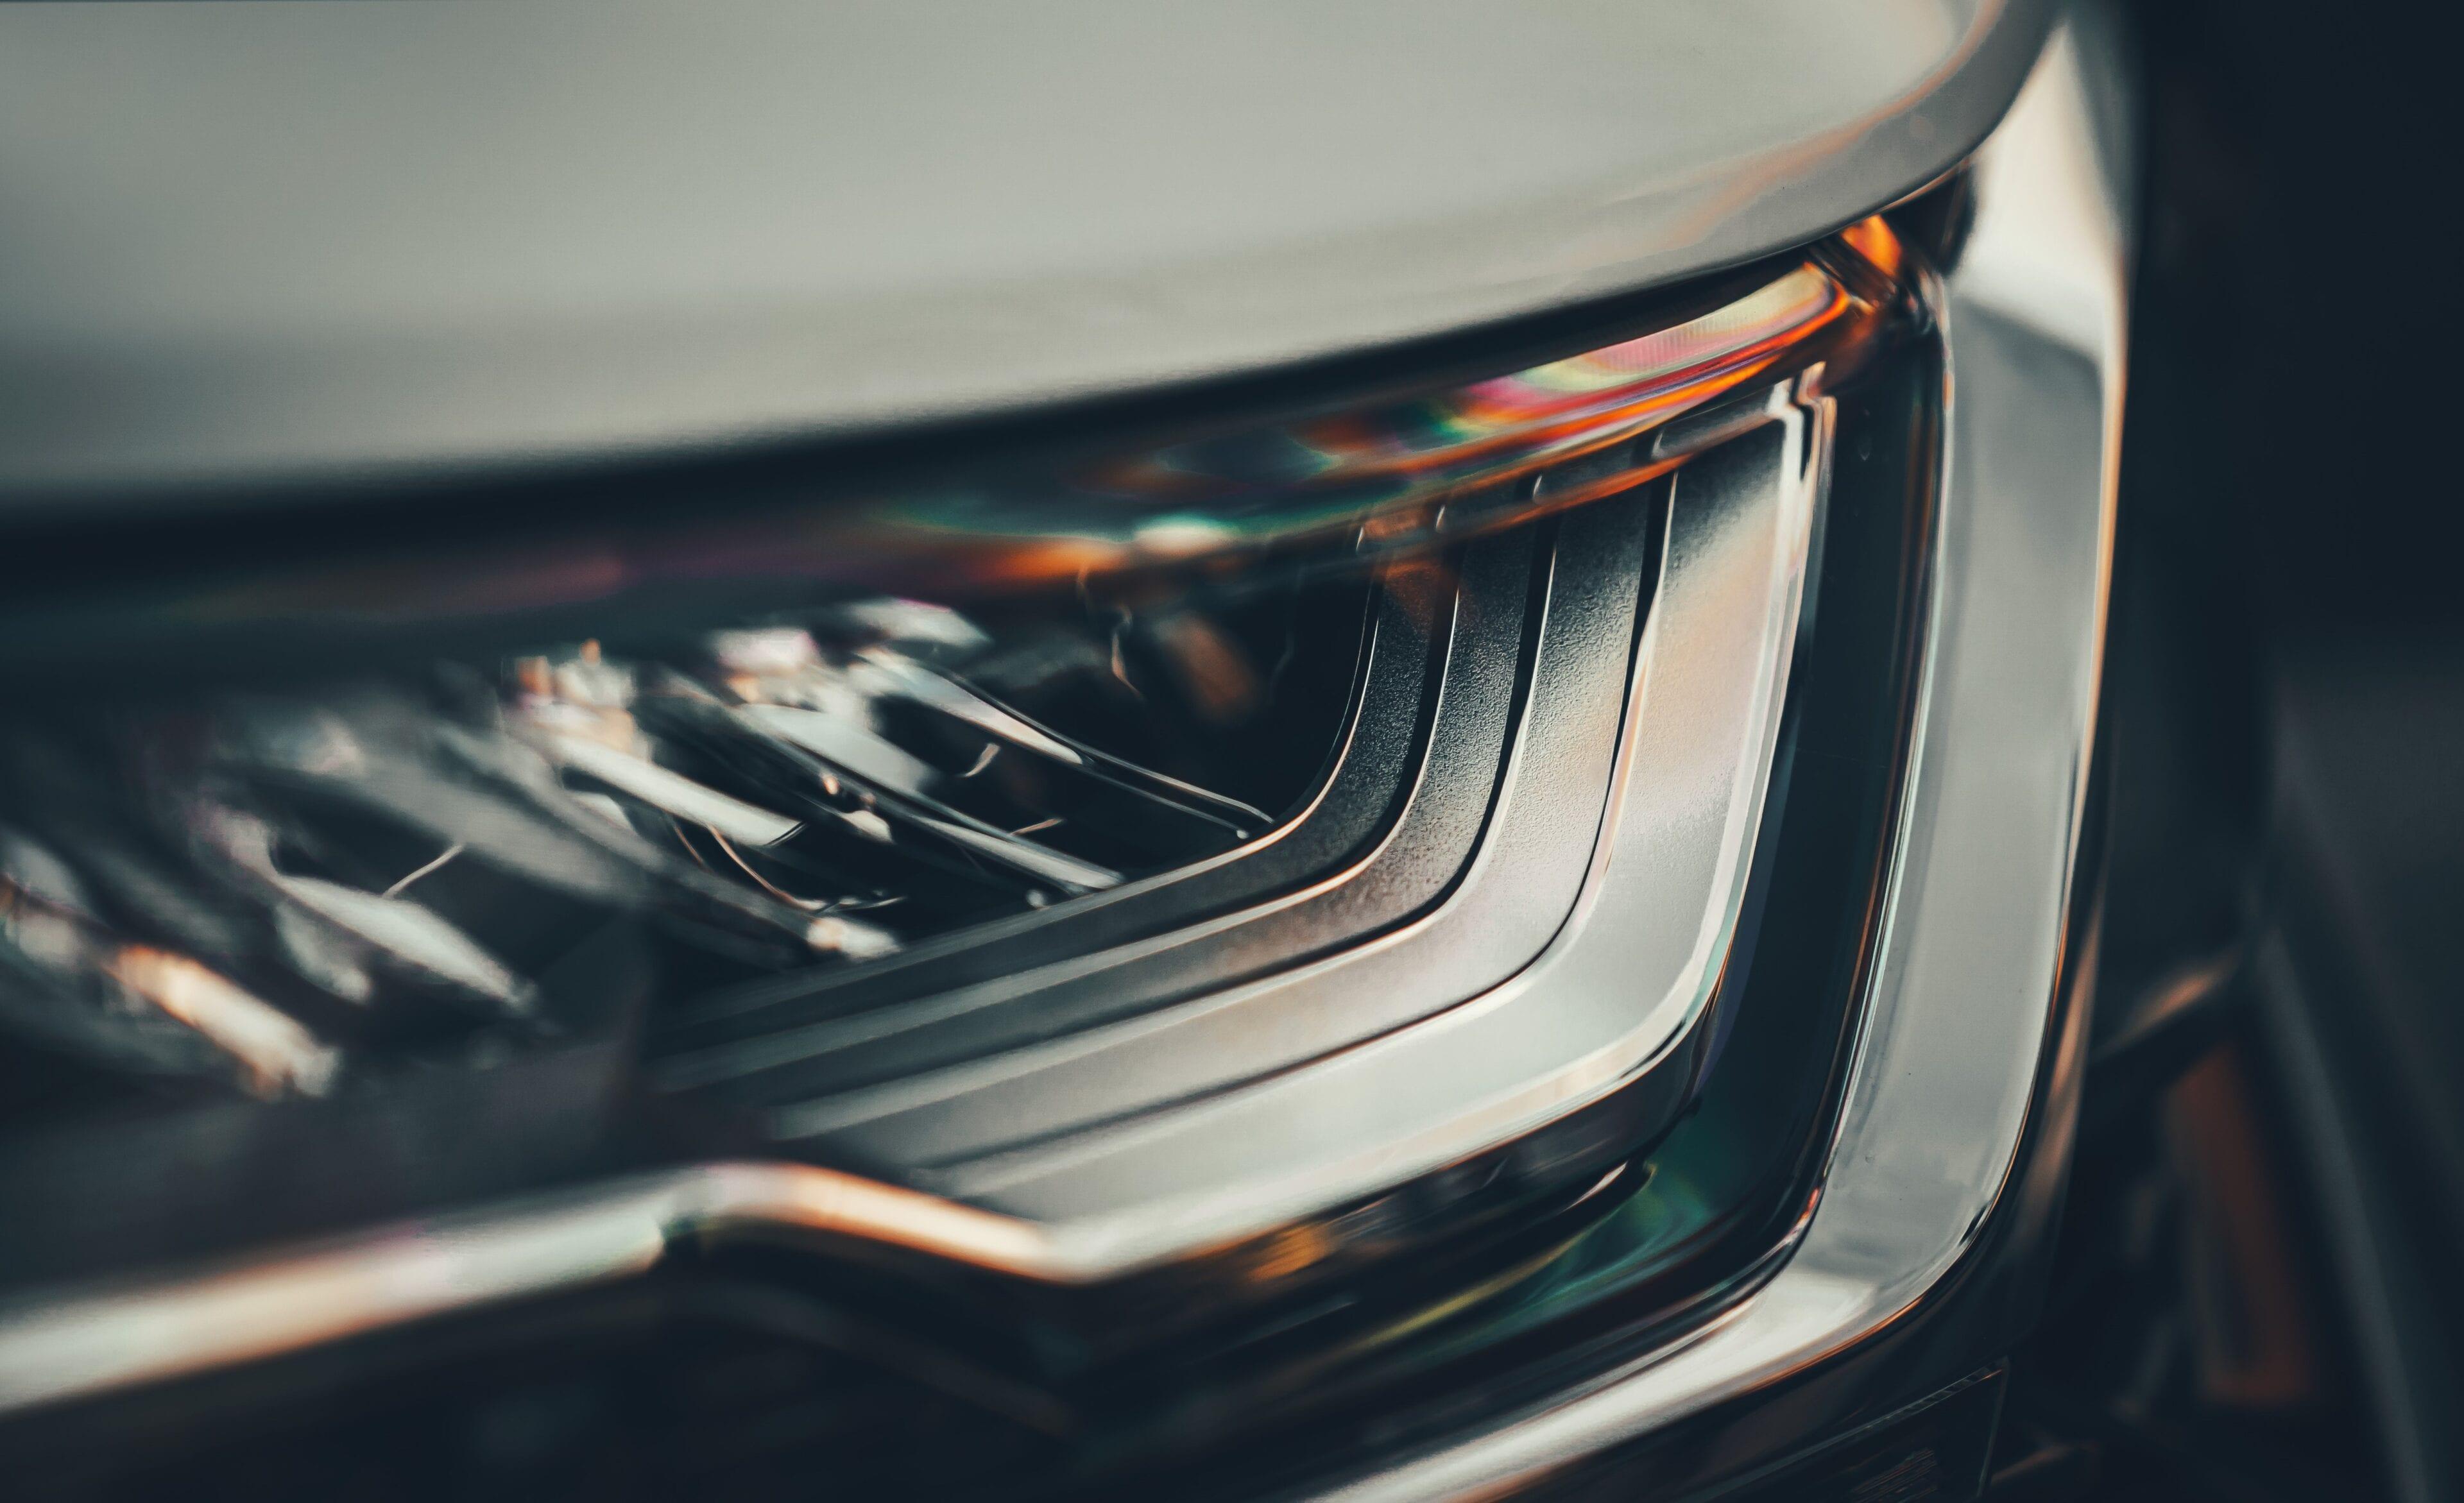 Honda SENSING is een geavanceerd veiligheidspakket dat u en uw passagiers veilig op de weg houdt. denk hierbij aan botsing en letselbeperkend remsysteem